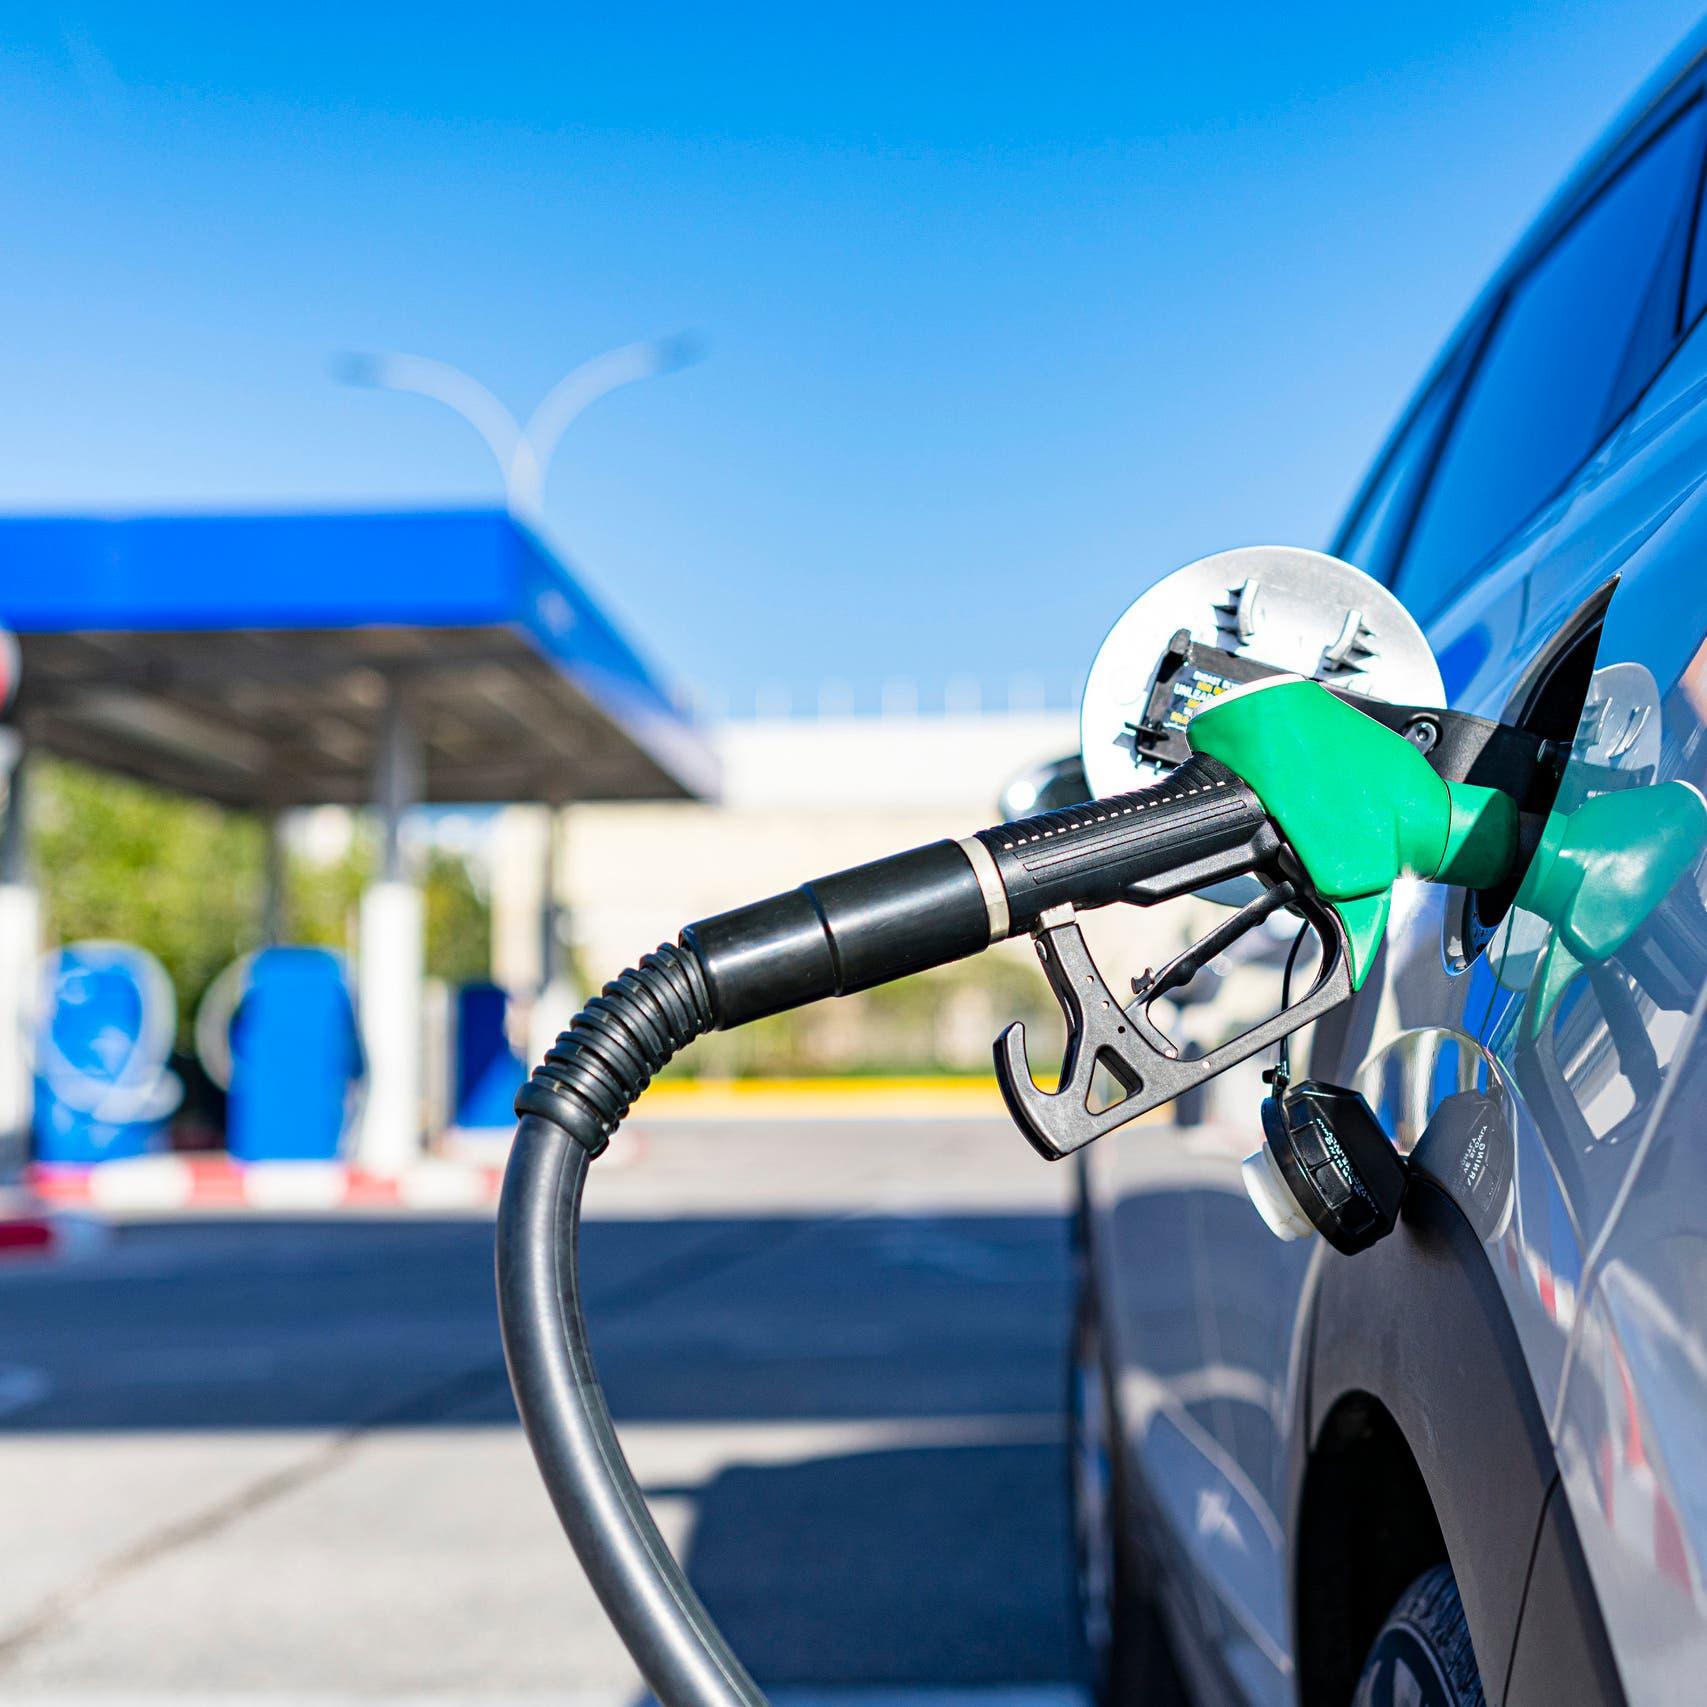 أسعار البنزين في أميركا عند أعلى مستوى في 7 سنوات.. وتوقعات بالمزيد